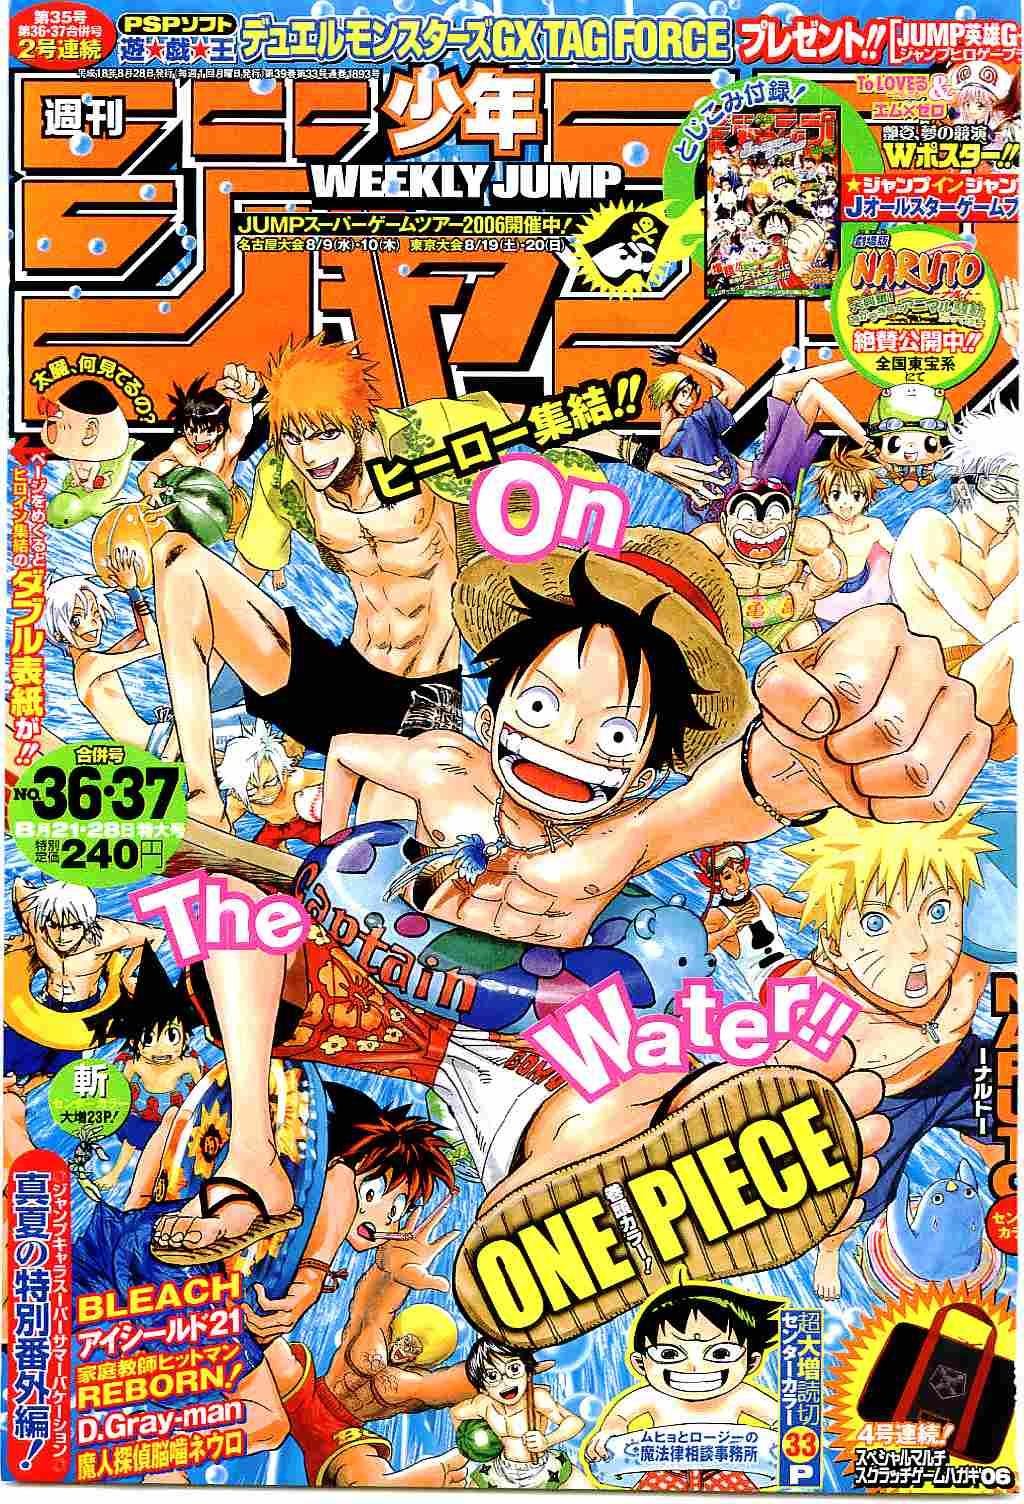 Манга One Piece / Ван Пис Манга One Piece Глава # 422 - Роб Луччи, страница 1